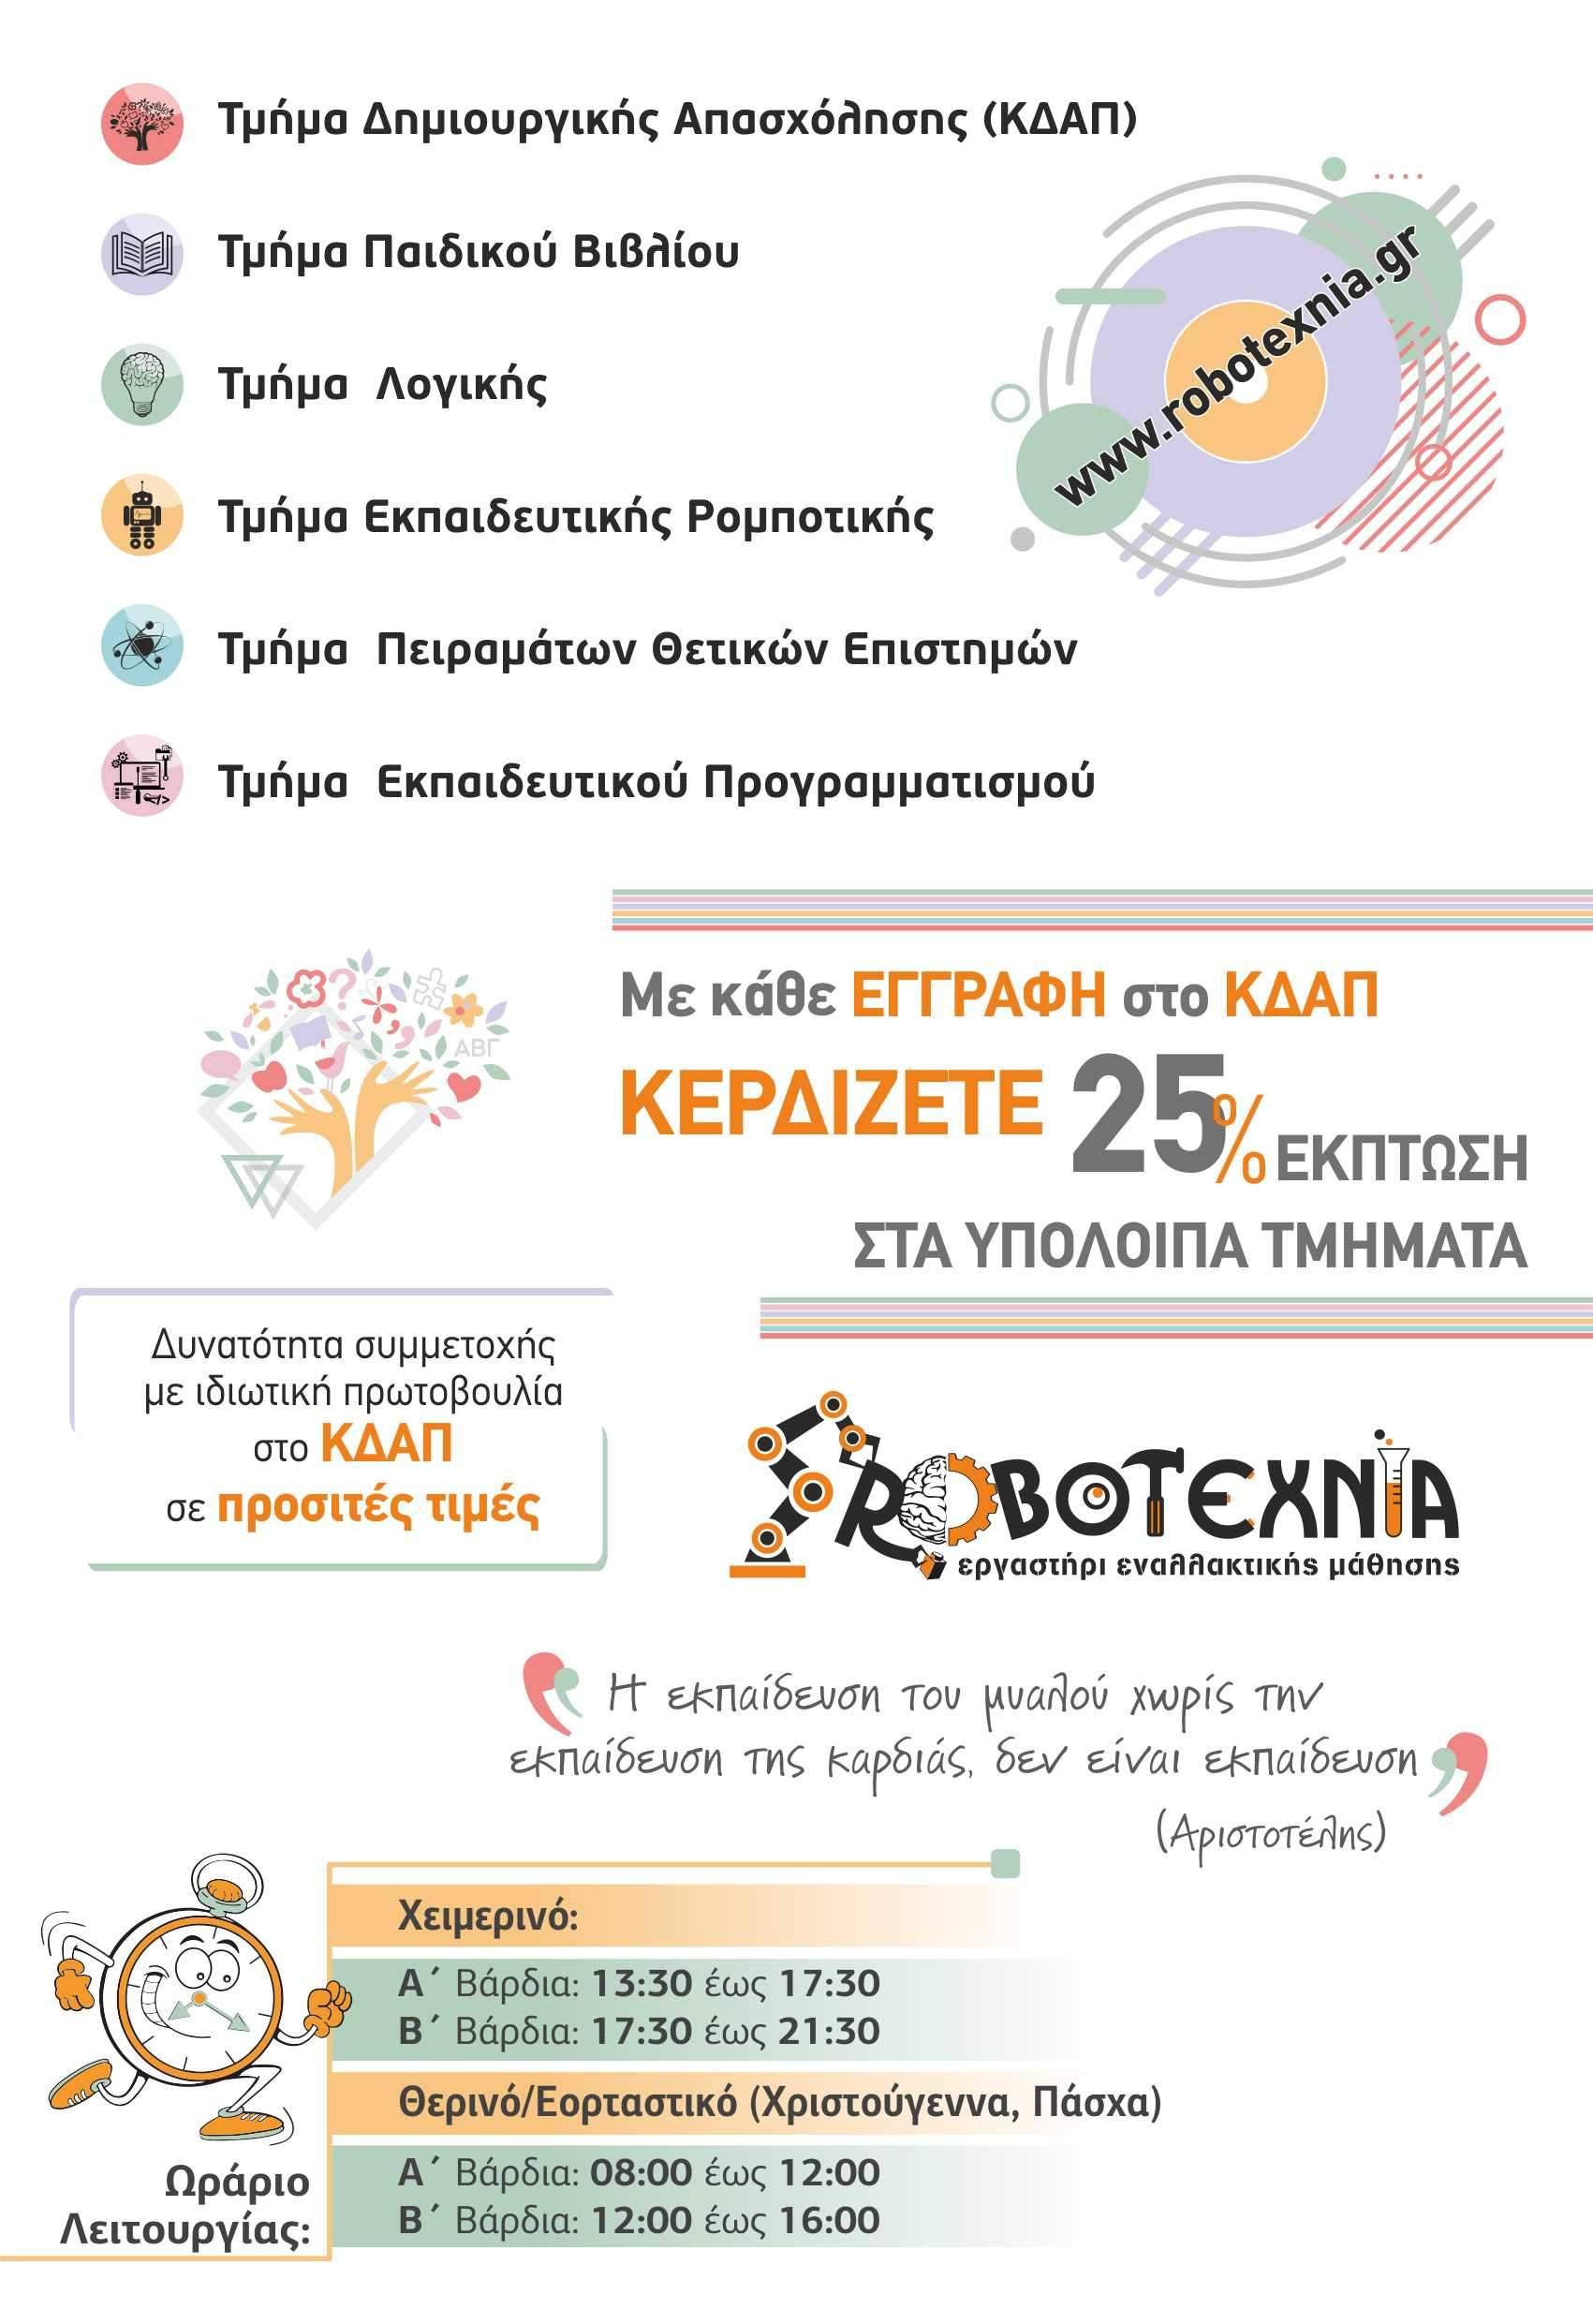 kdap leaflet 06